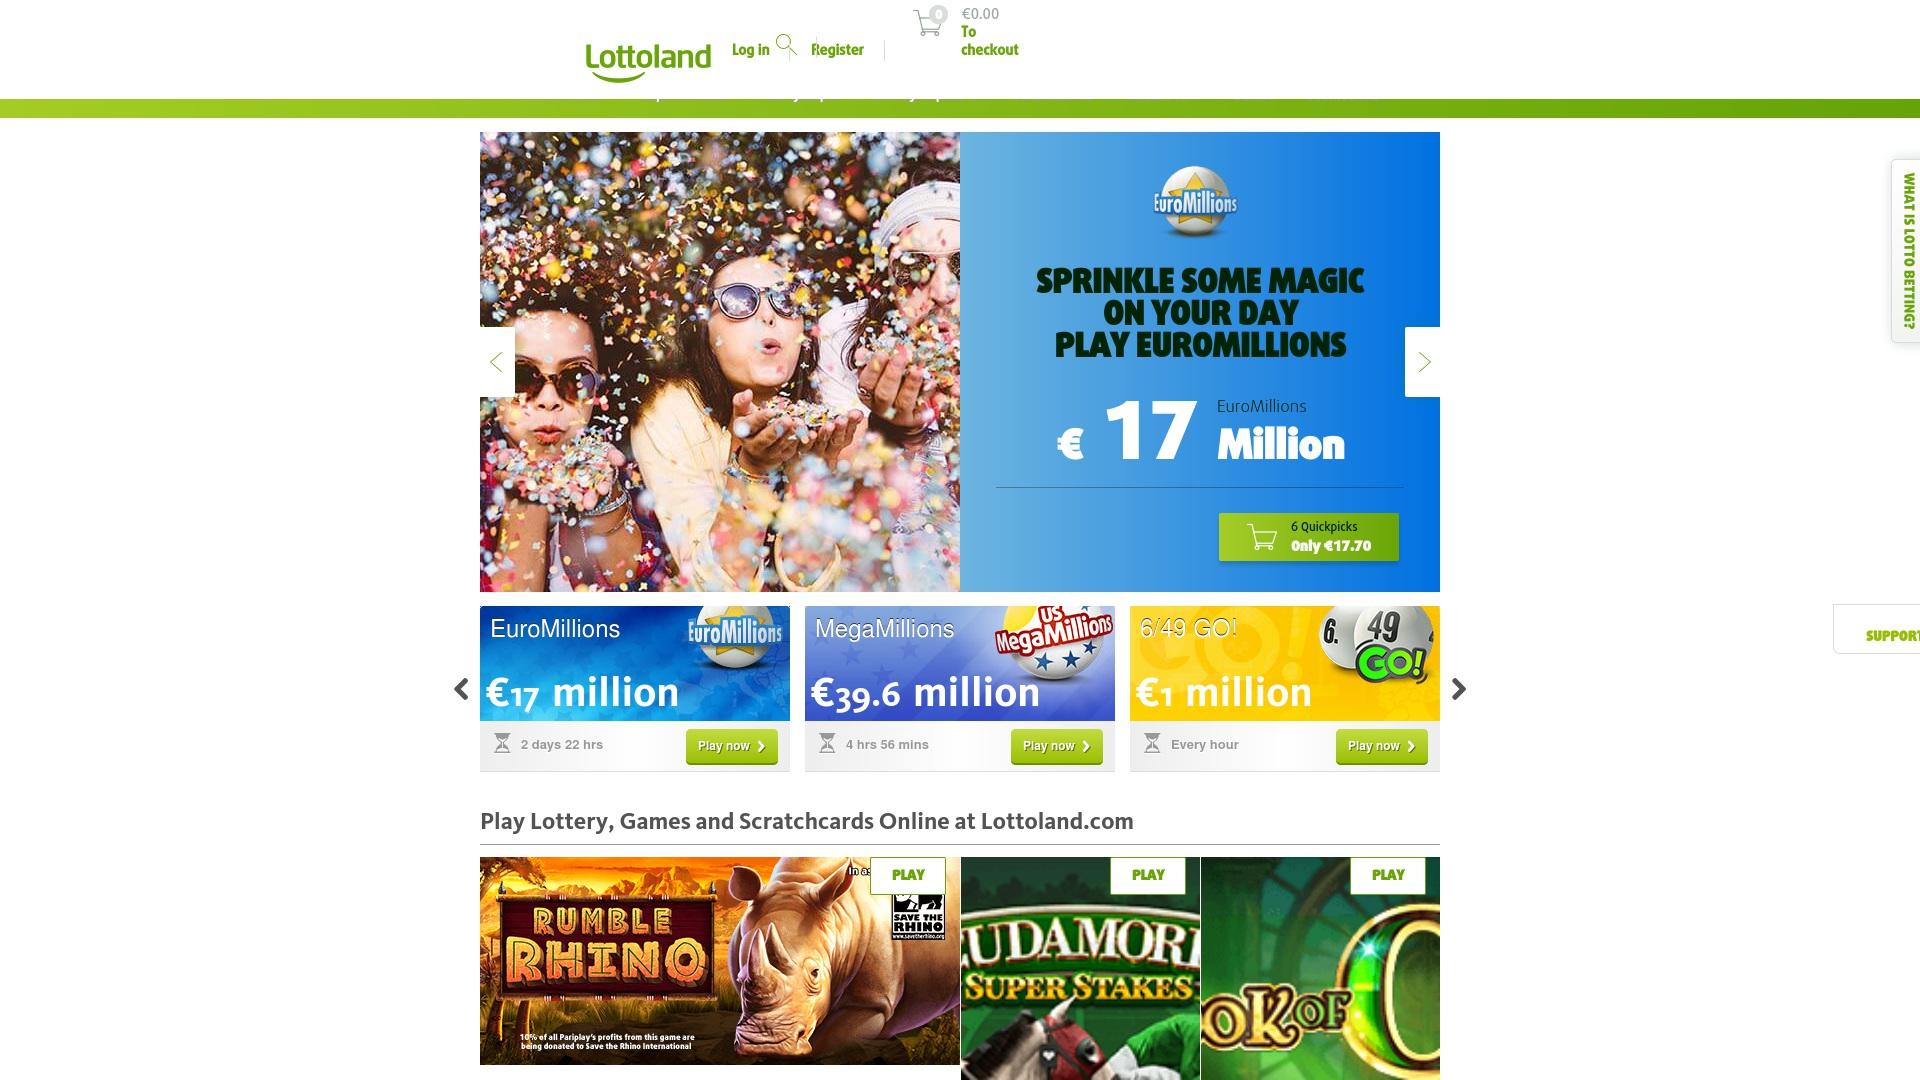 Gutschein für Lottoland: Rabatte für  Lottoland sichern